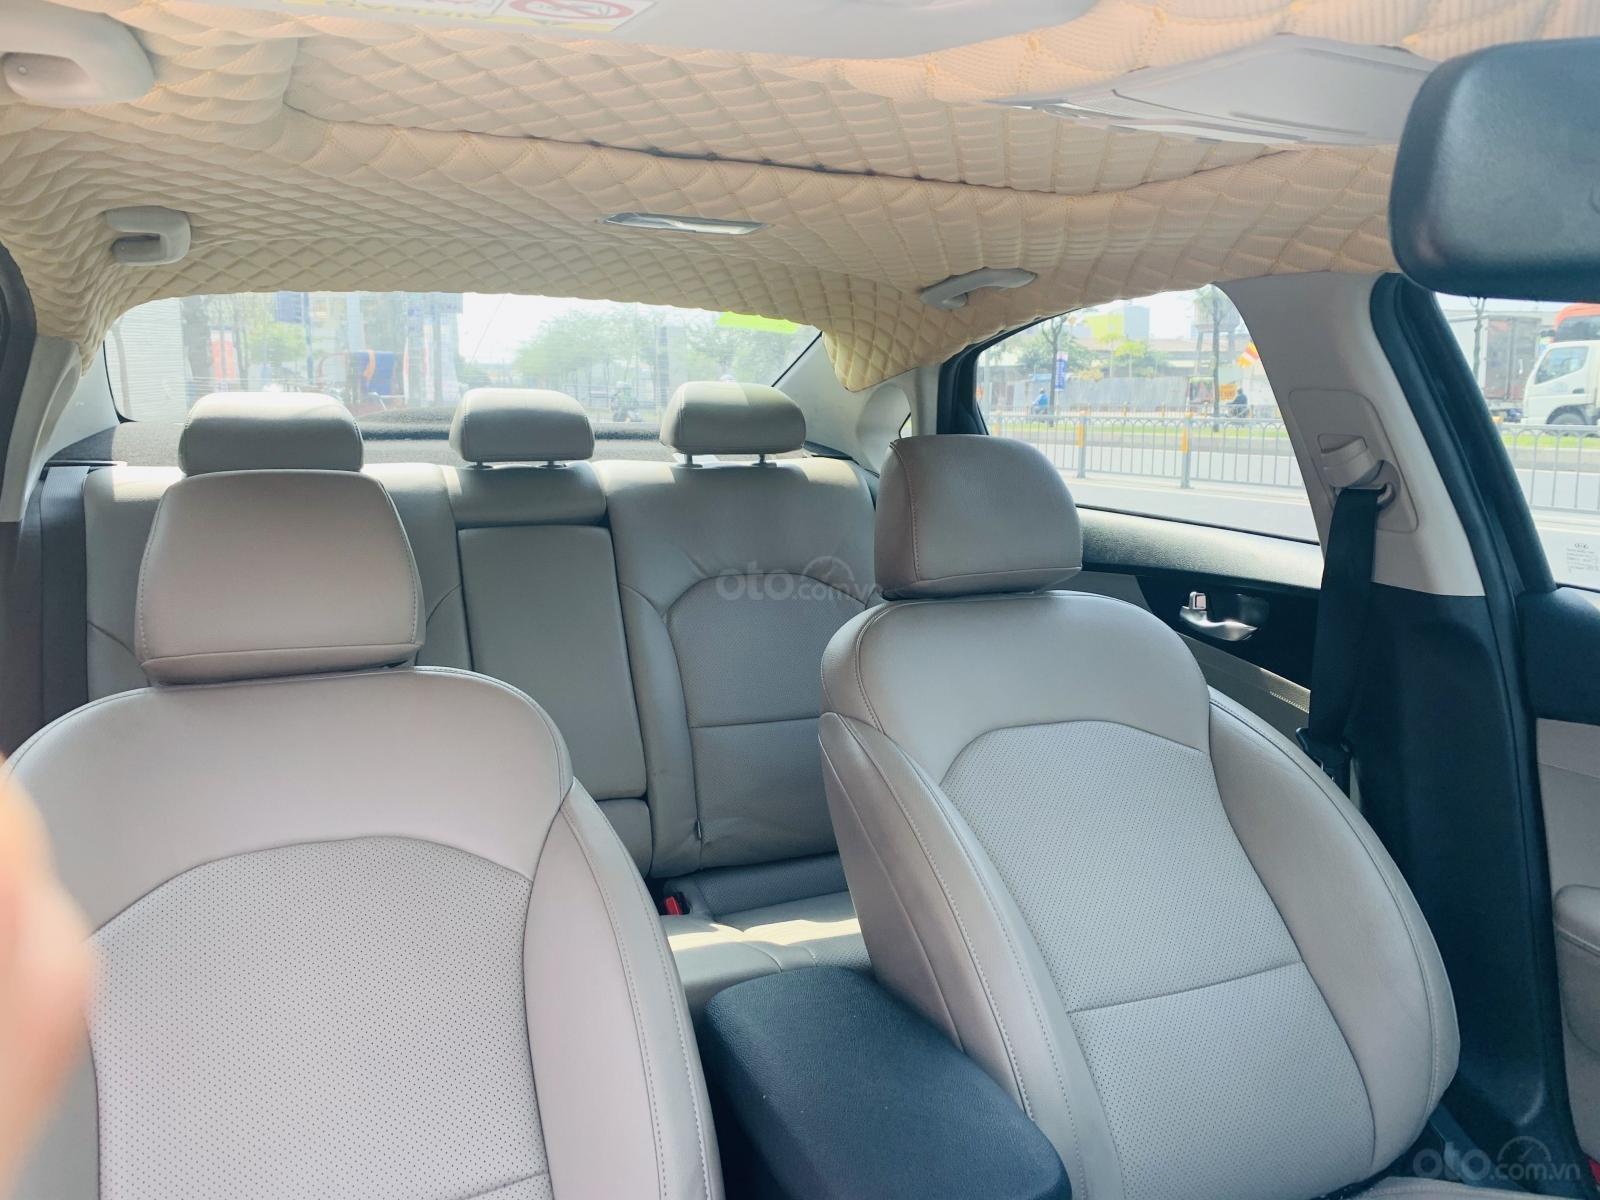 Kia Cerato 1.6AT Luxury 2019 màu xanh đen, biển tỉnh xe đẹp (9)